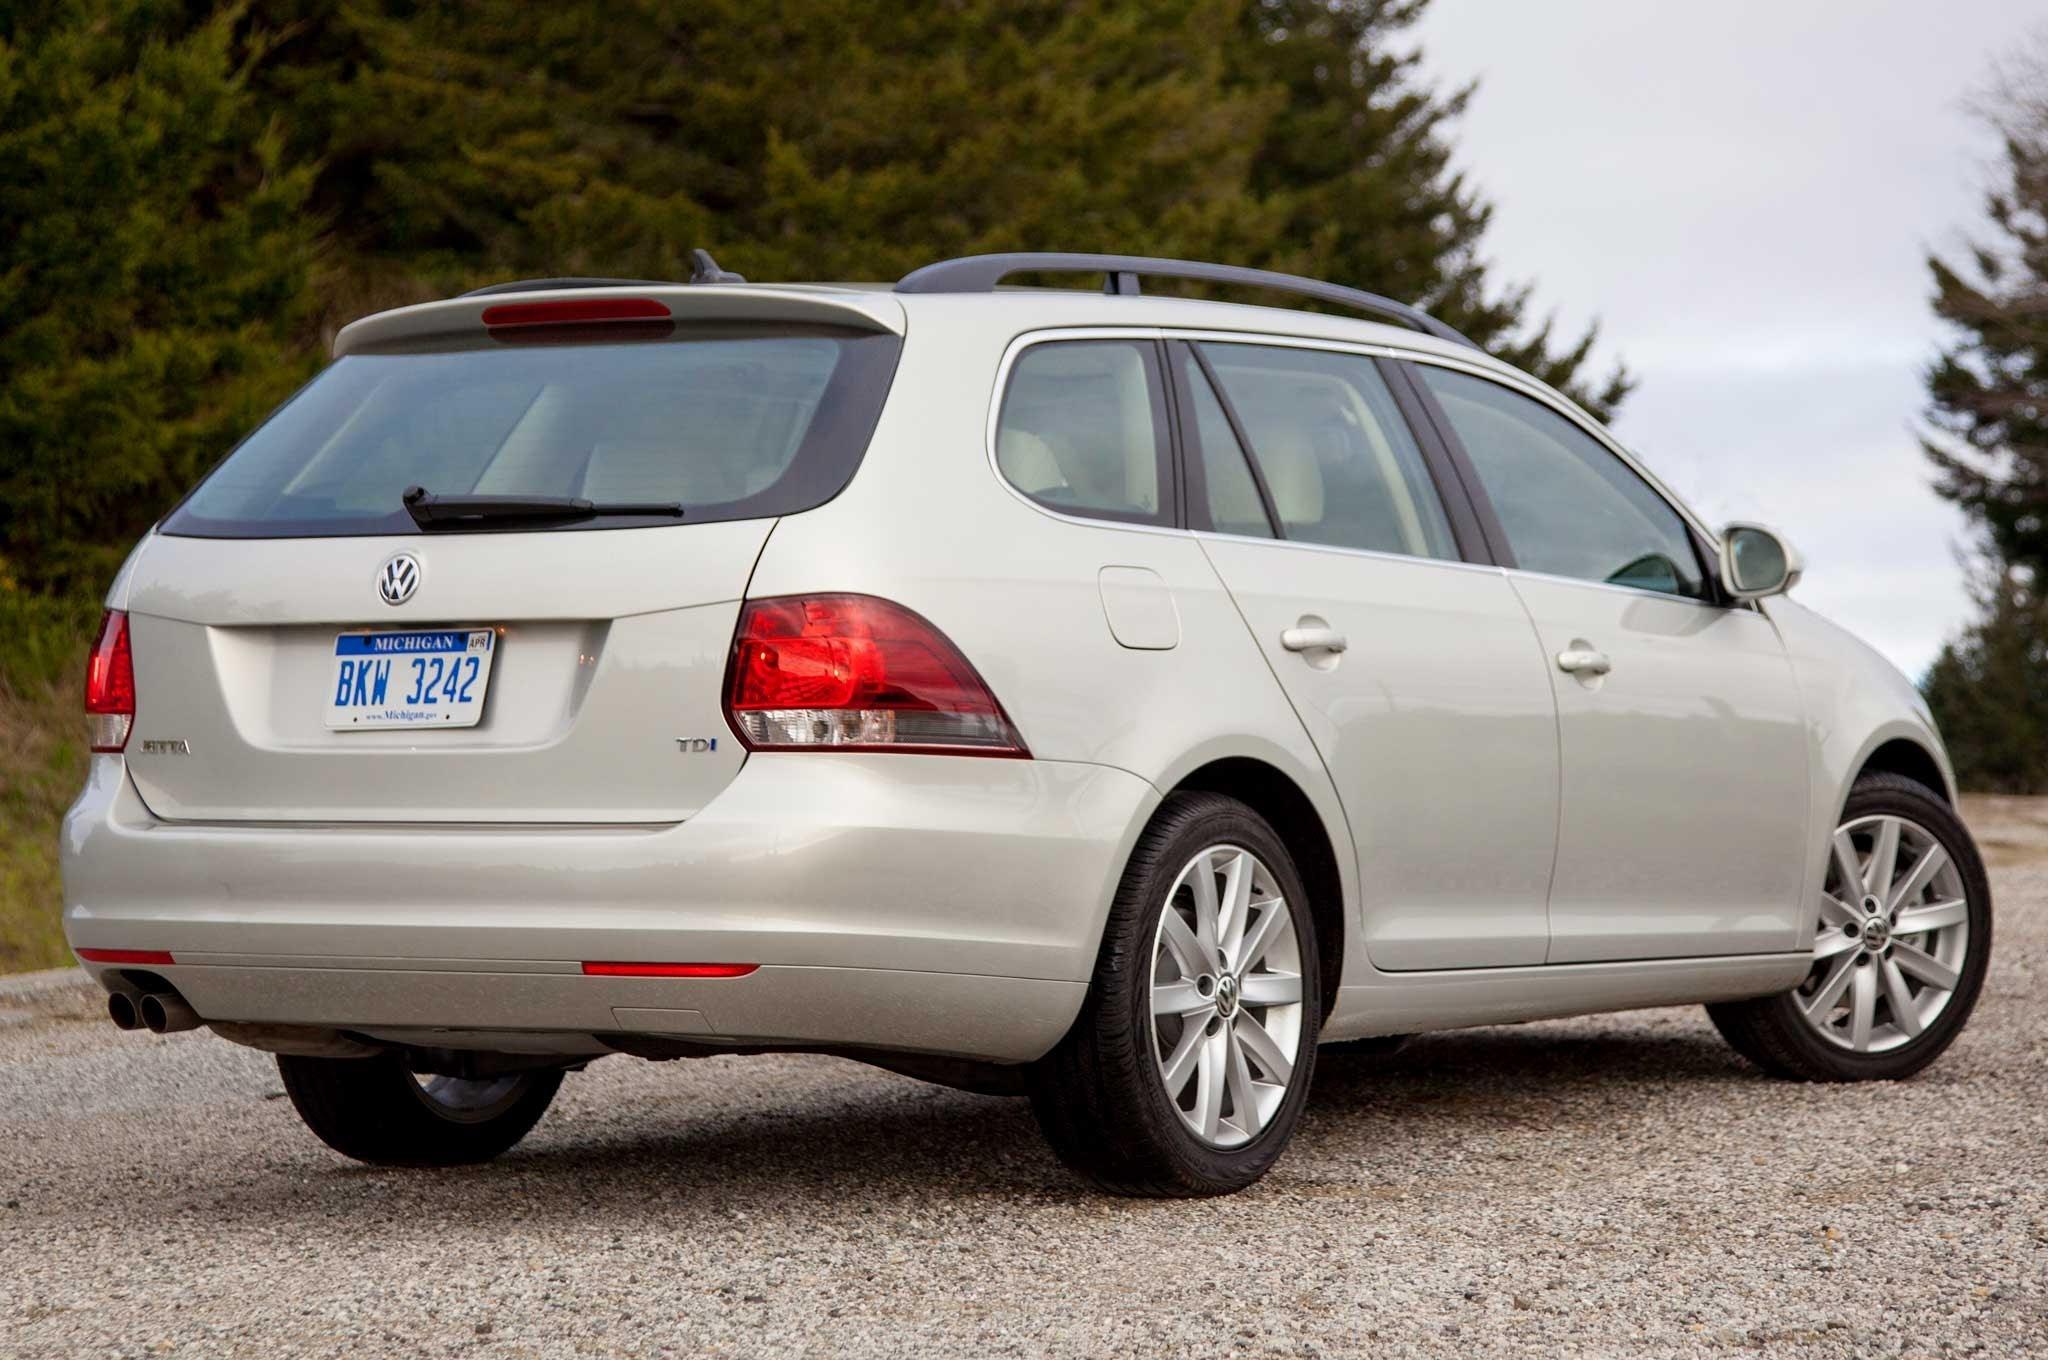 2010-Volkswagen-Jetta-SportWagen-TDI-rear-side-view